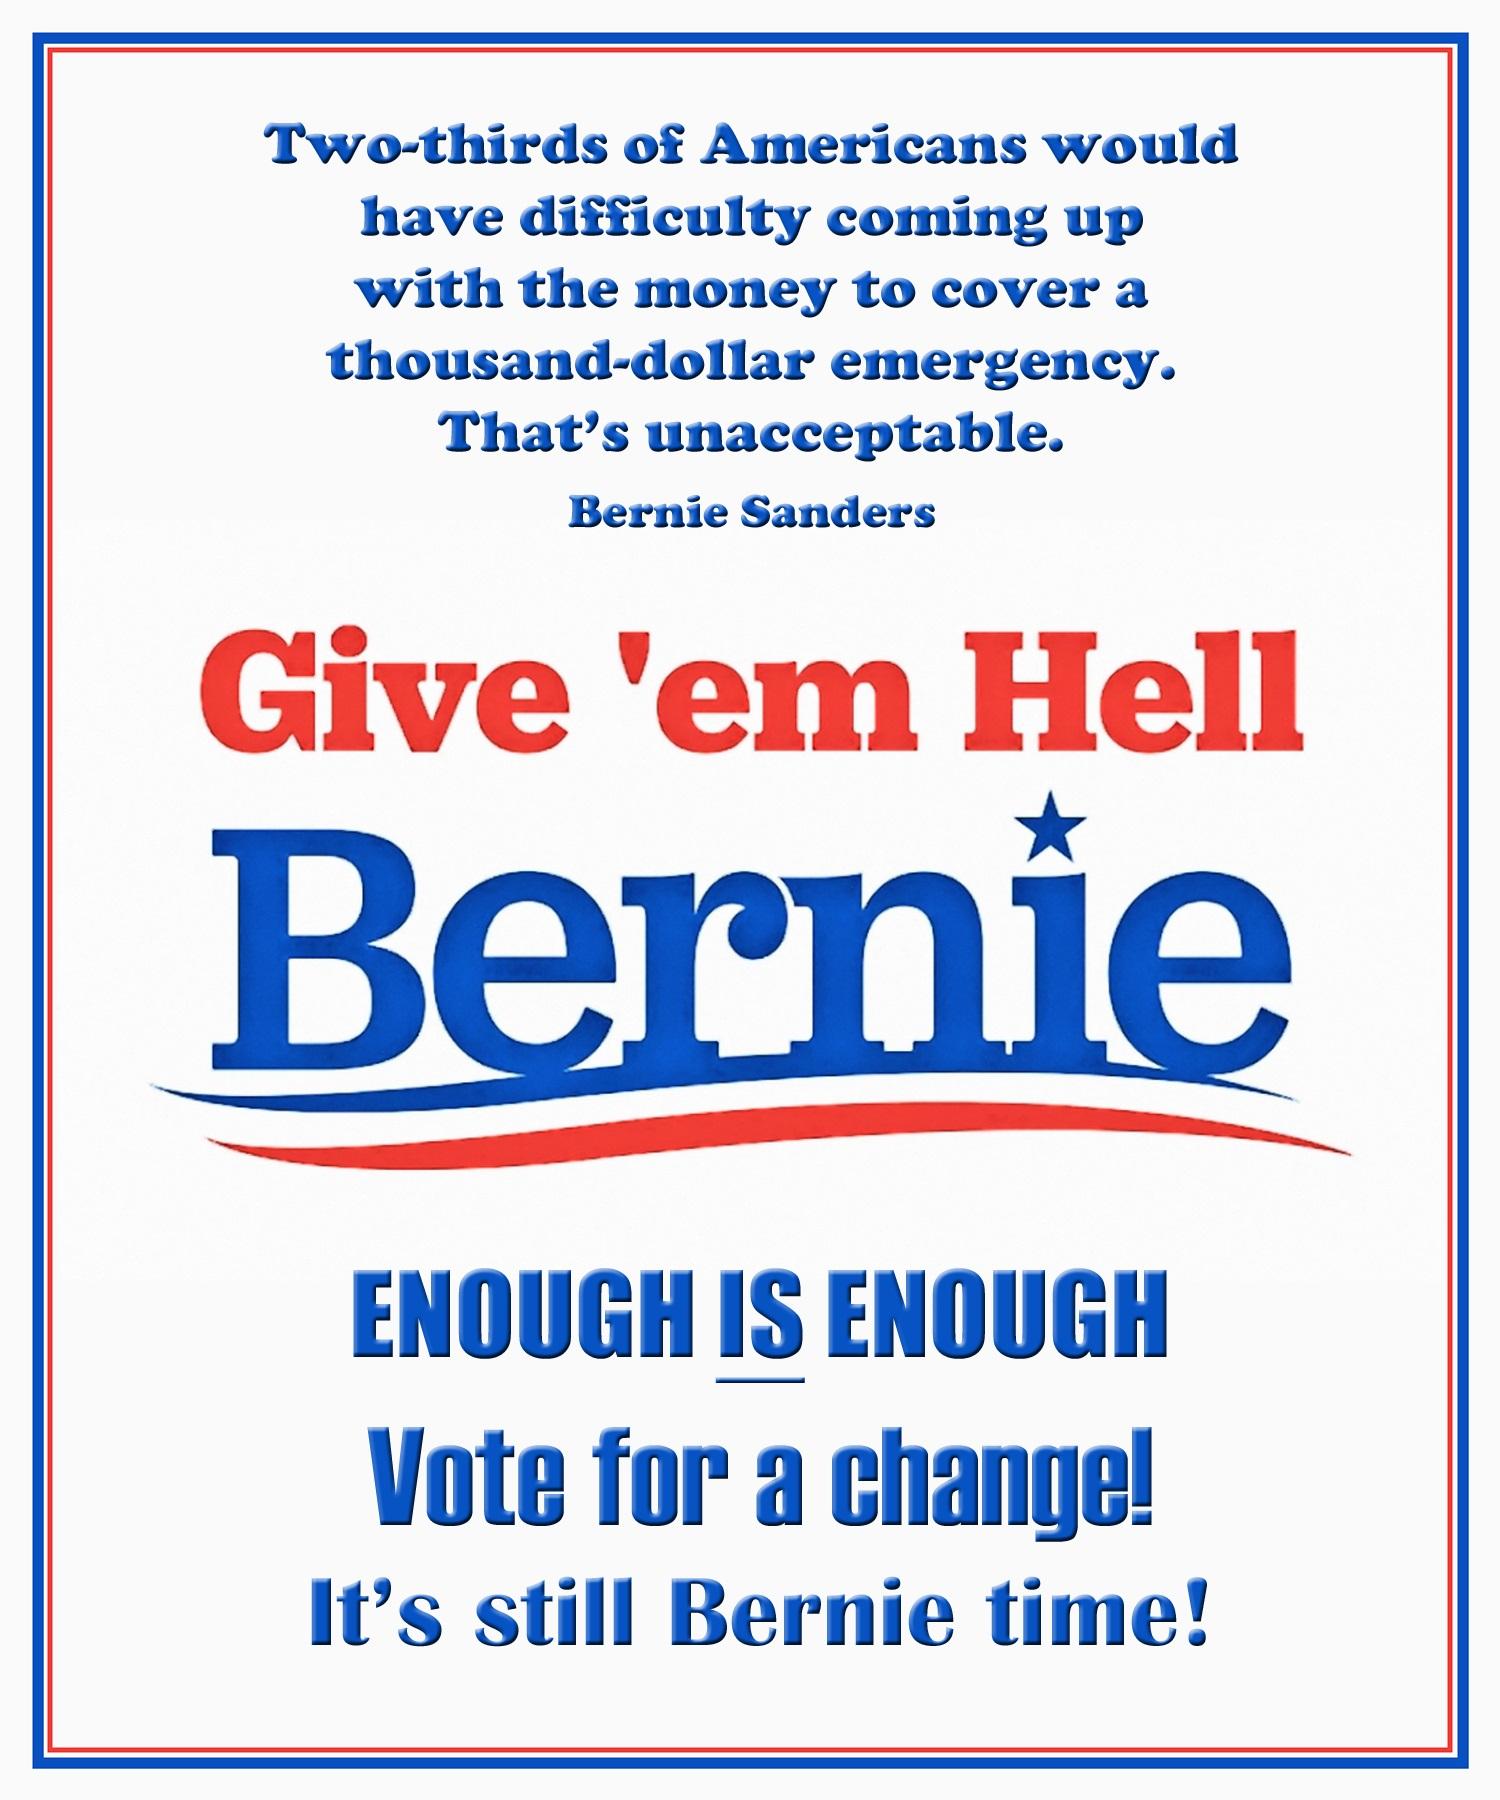 00 Give em Hell Bernie 310316